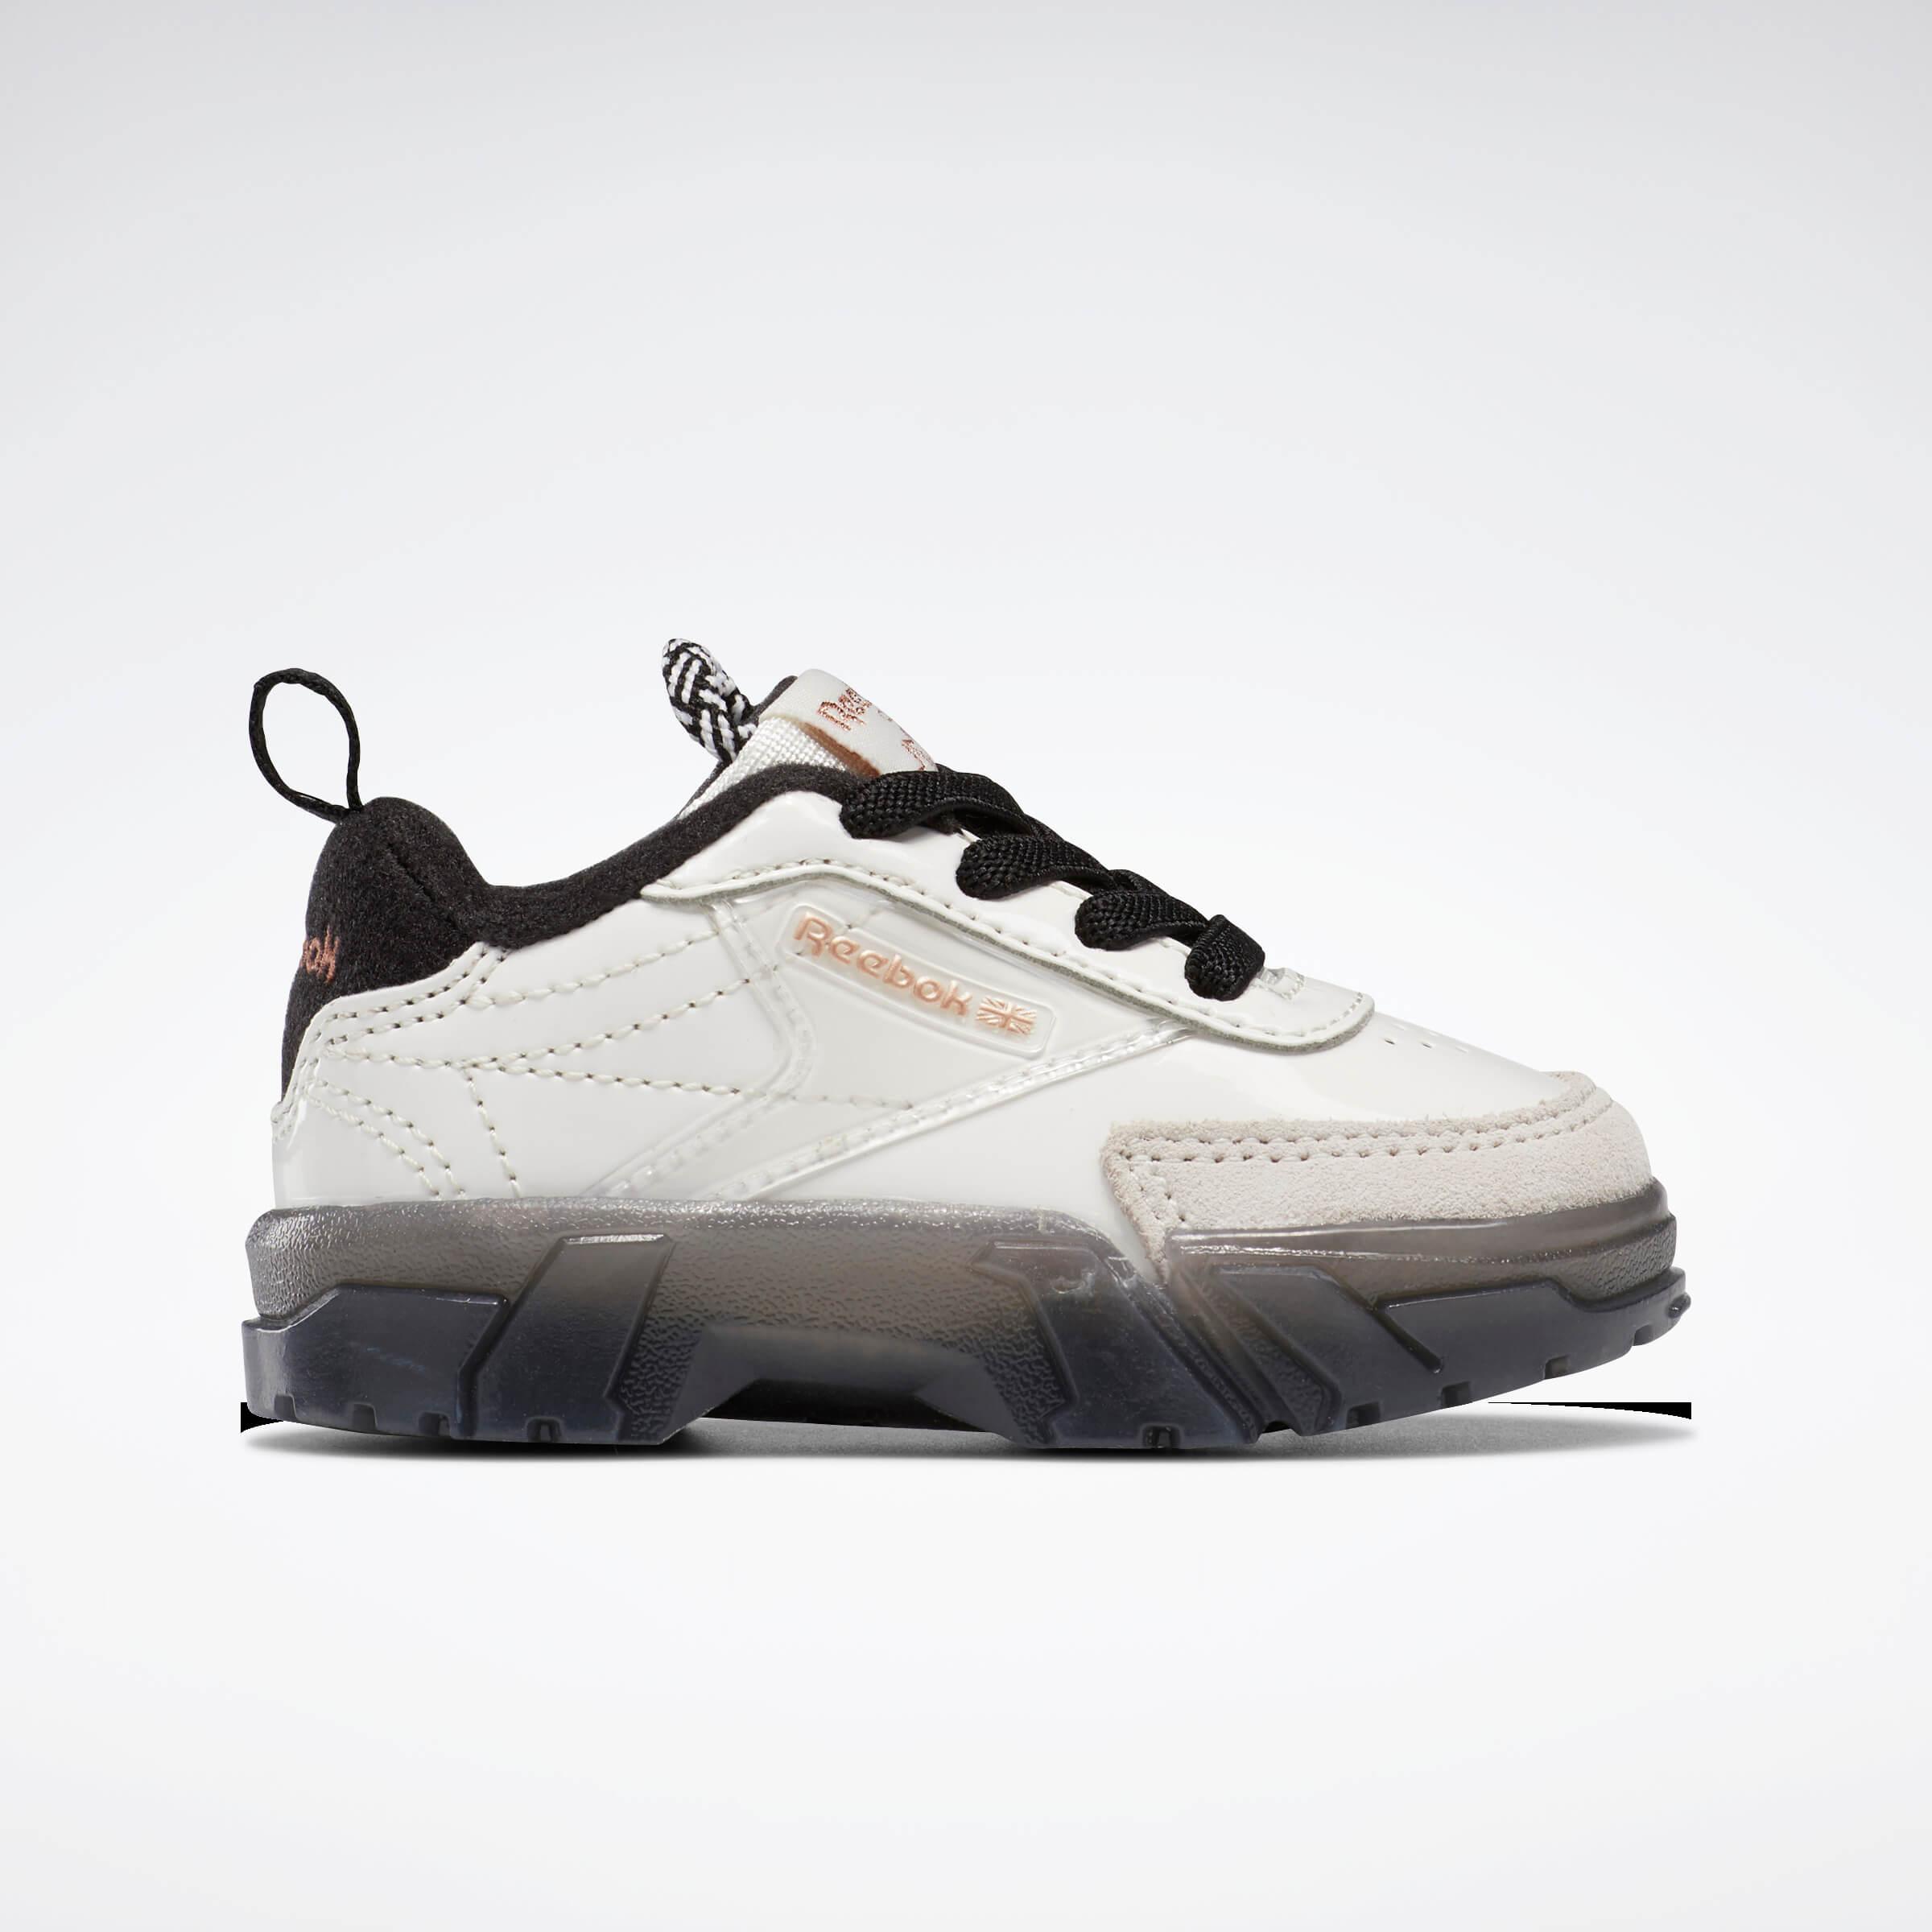 Reebok CLASSIC x Cardi B カーディ・B クラブ シー Cardi B Club C Shoes コラボ product side